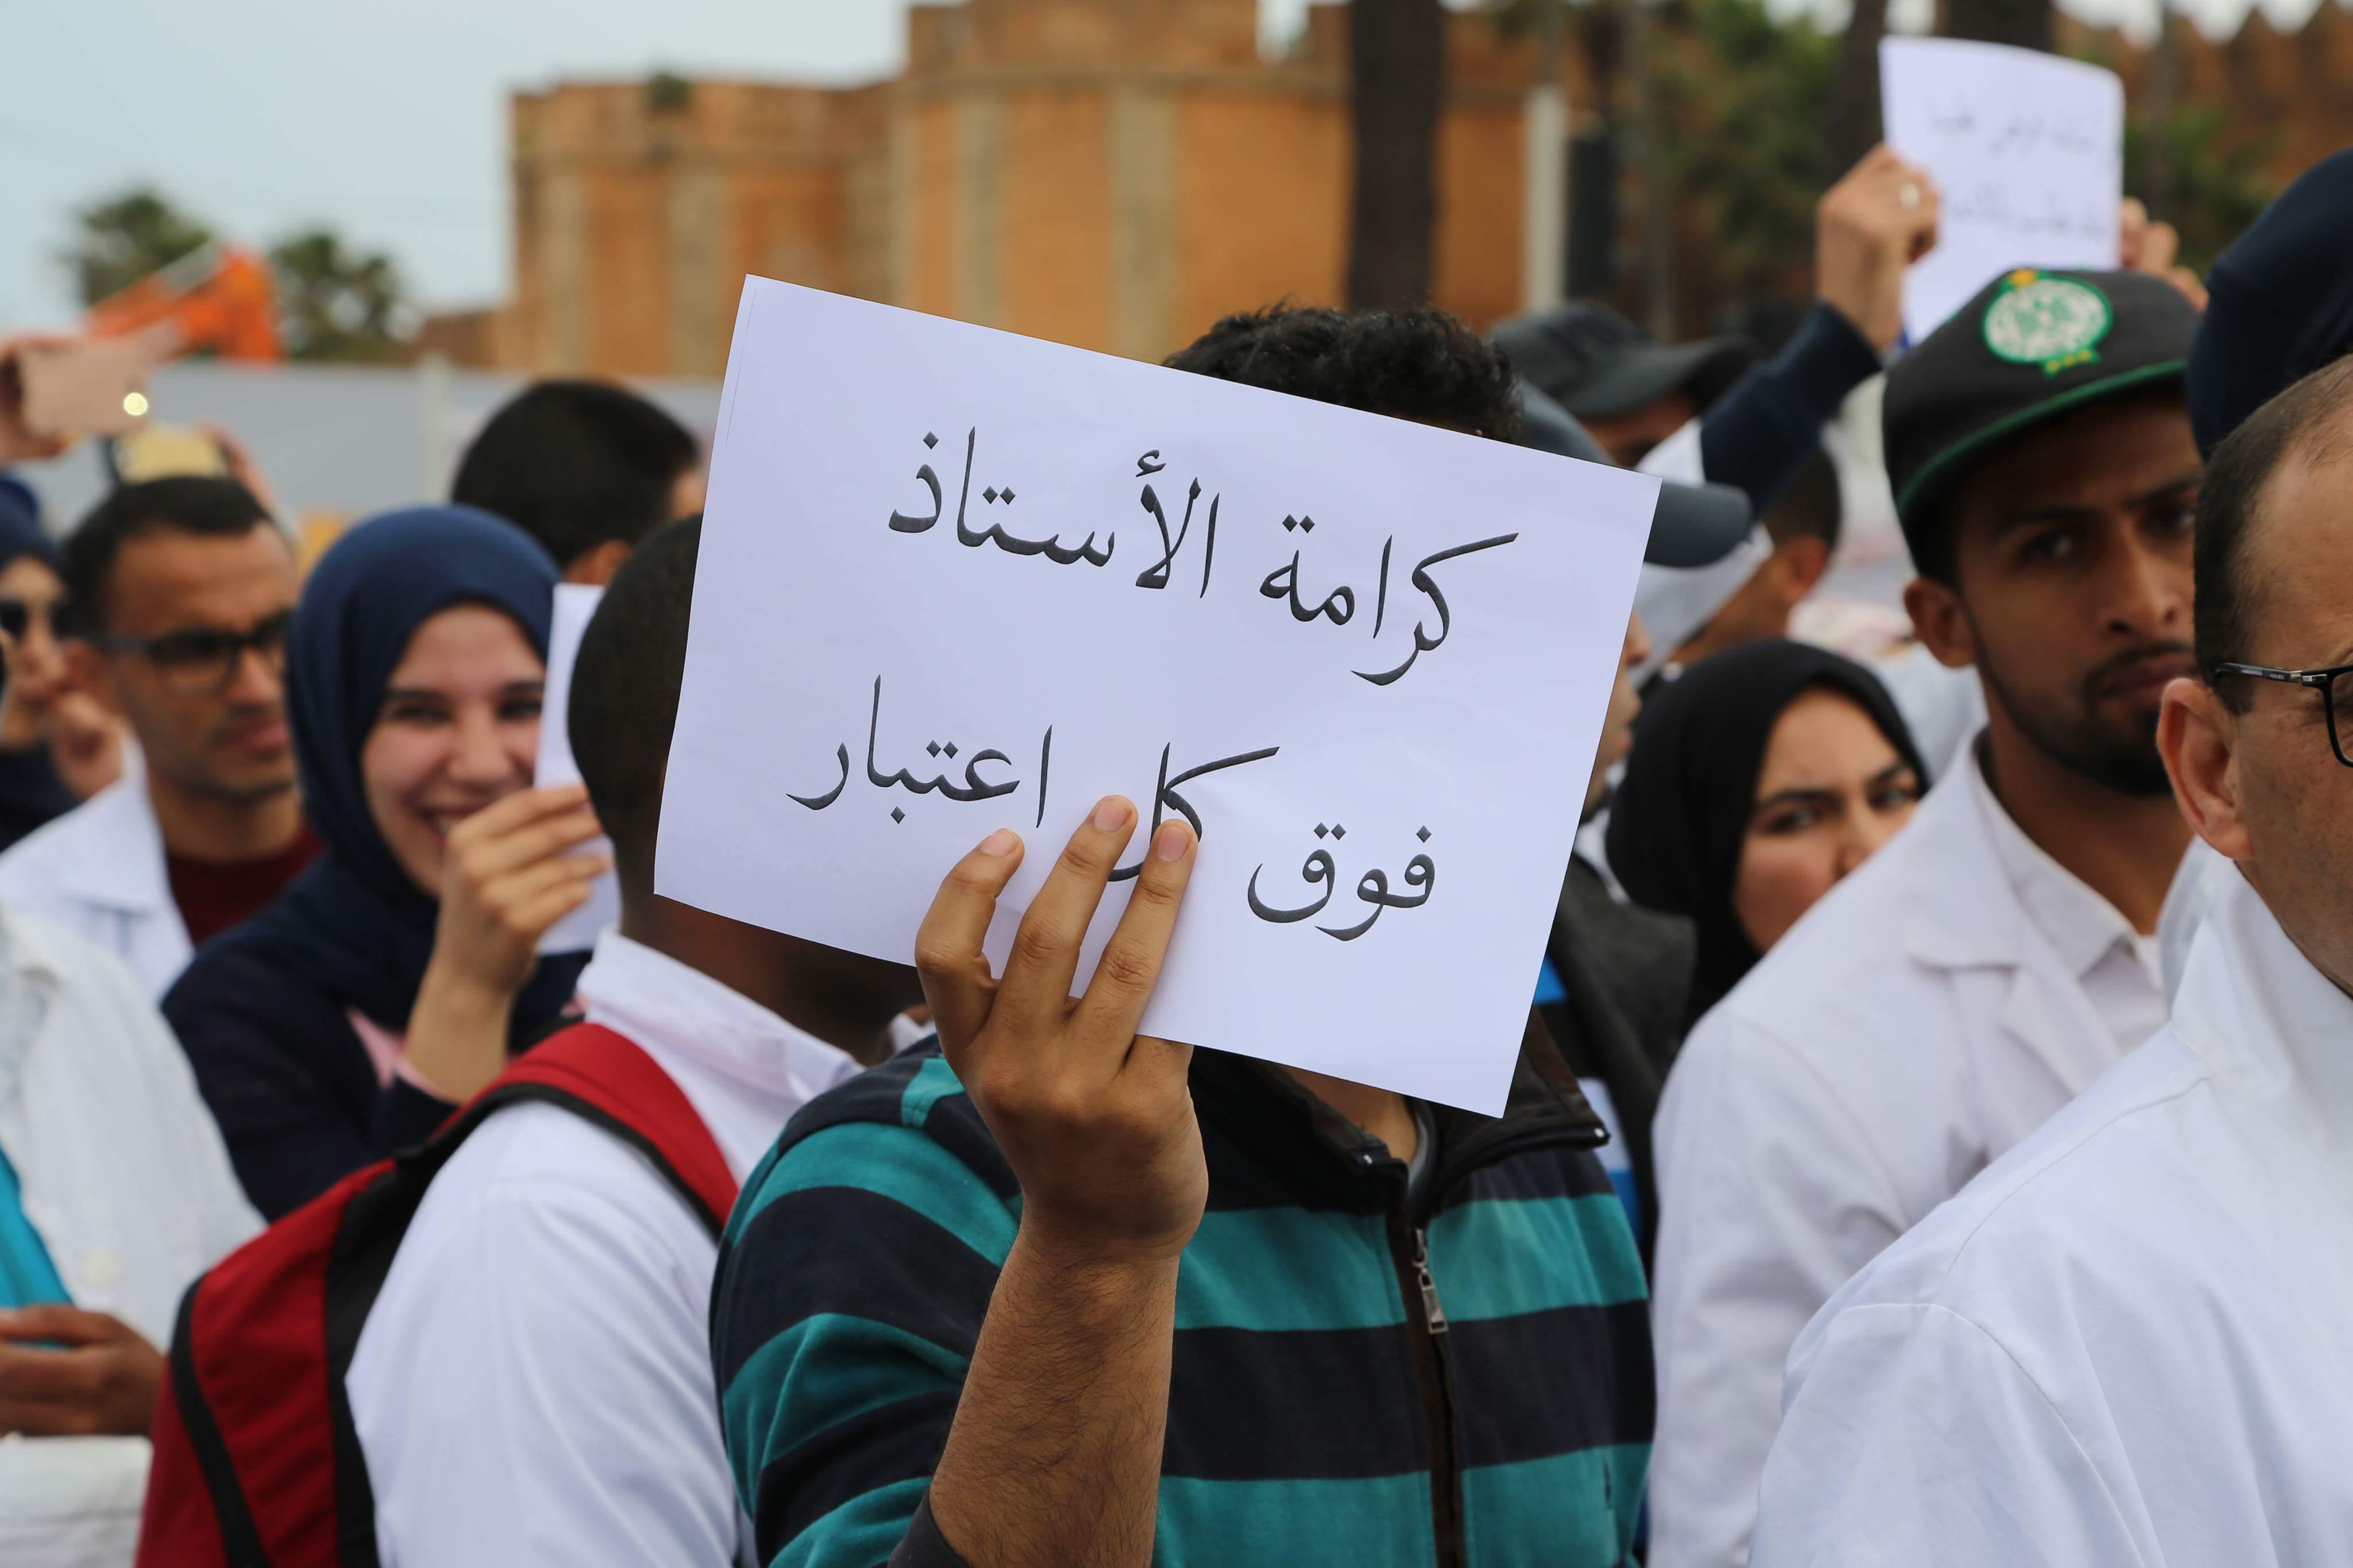 الاساتذة المتعاقدون يعلنون عودتهم للاحتجاج